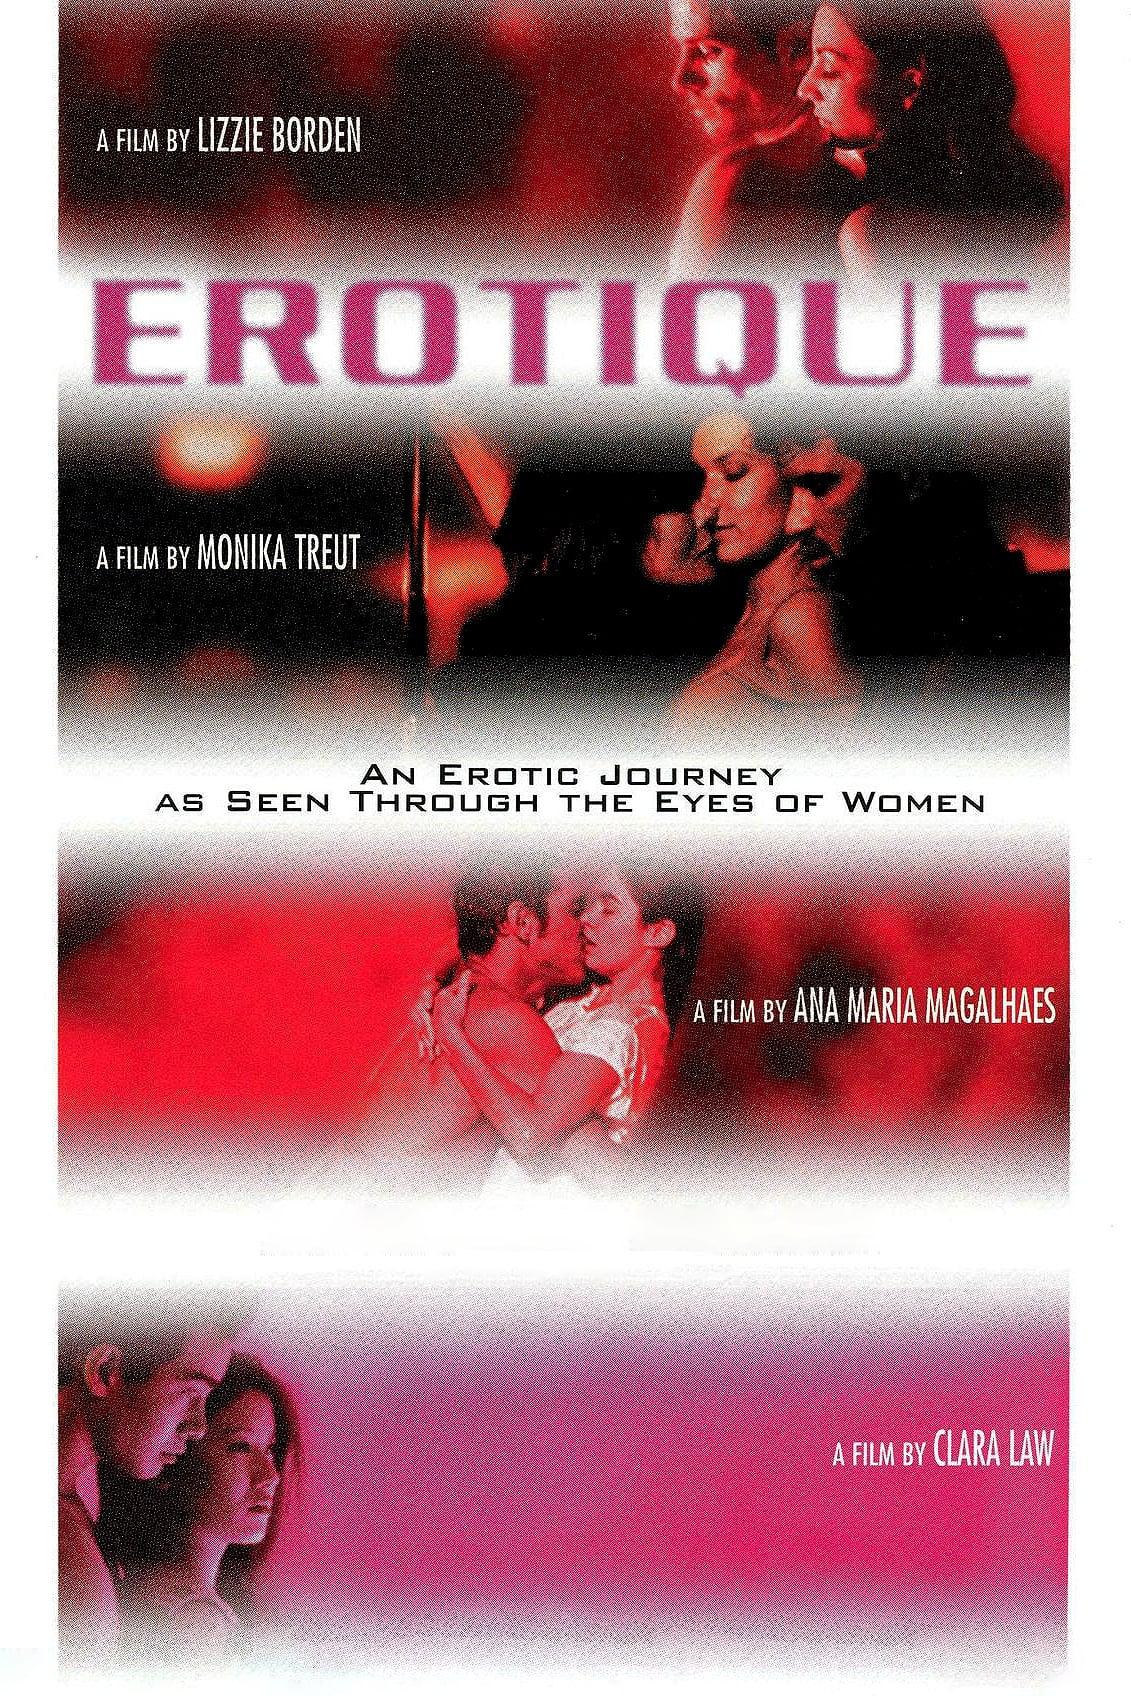 Erotique (1995)